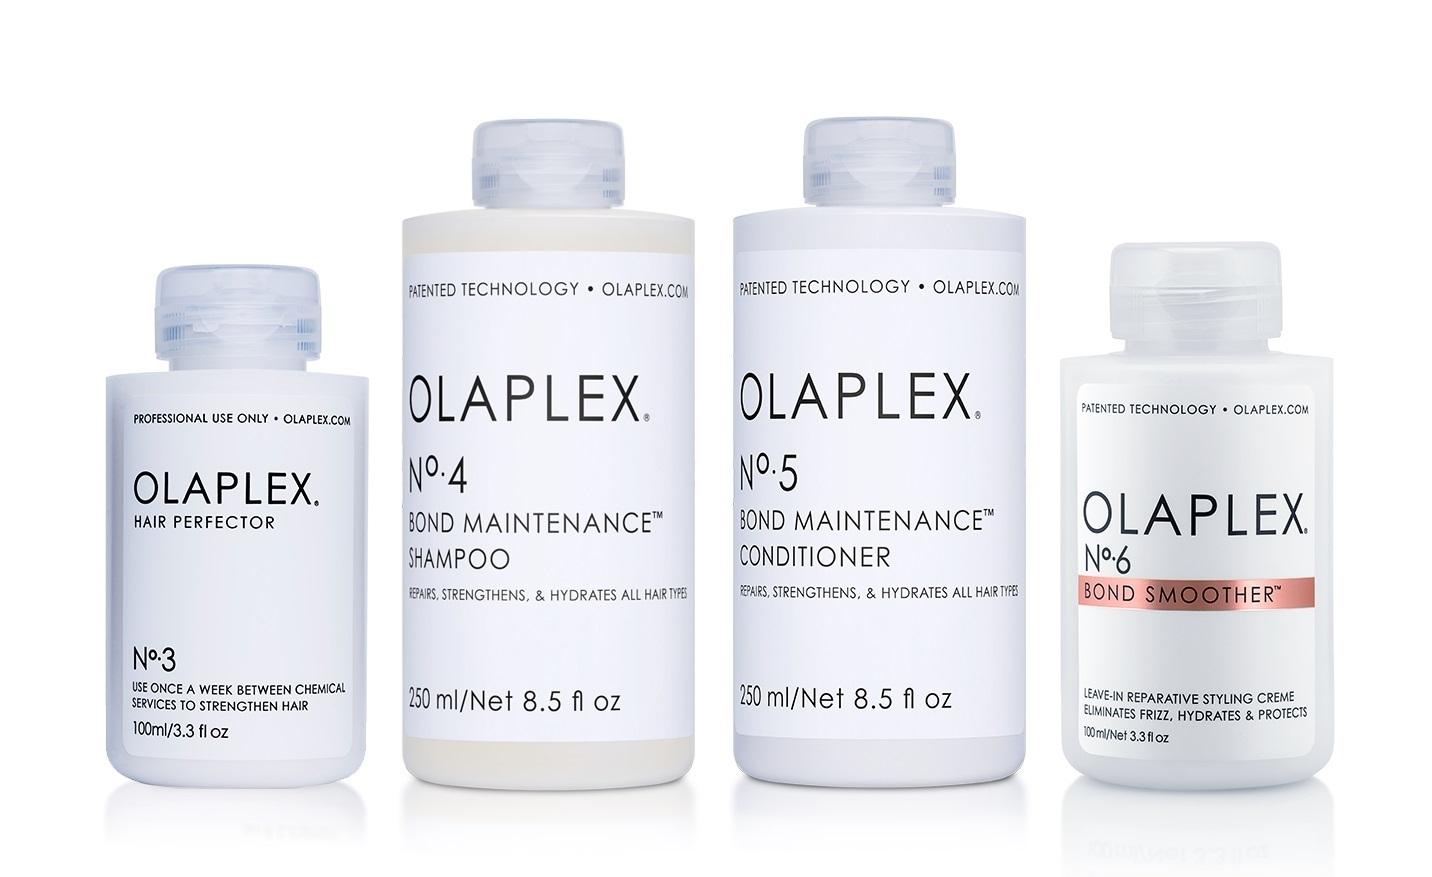 olaplex_luxury_amenities